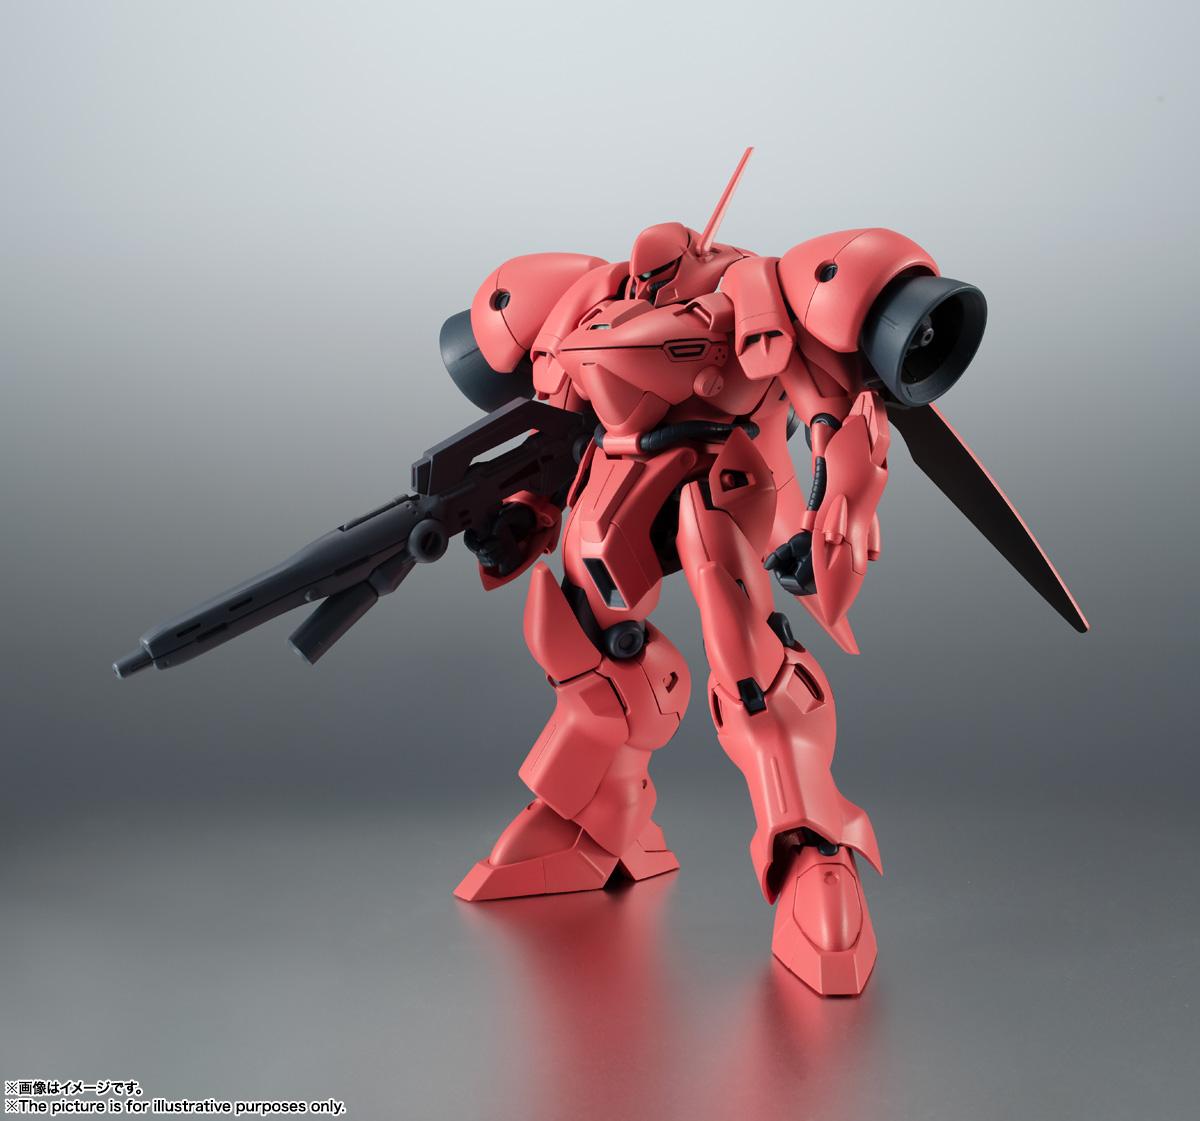 ROBOT魂〈SIDE MS〉『AGX-04 ガーベラ・テトラ ver. A.N.I.M.E.』機動戦士ガンダム0083 可動フィギュア-001